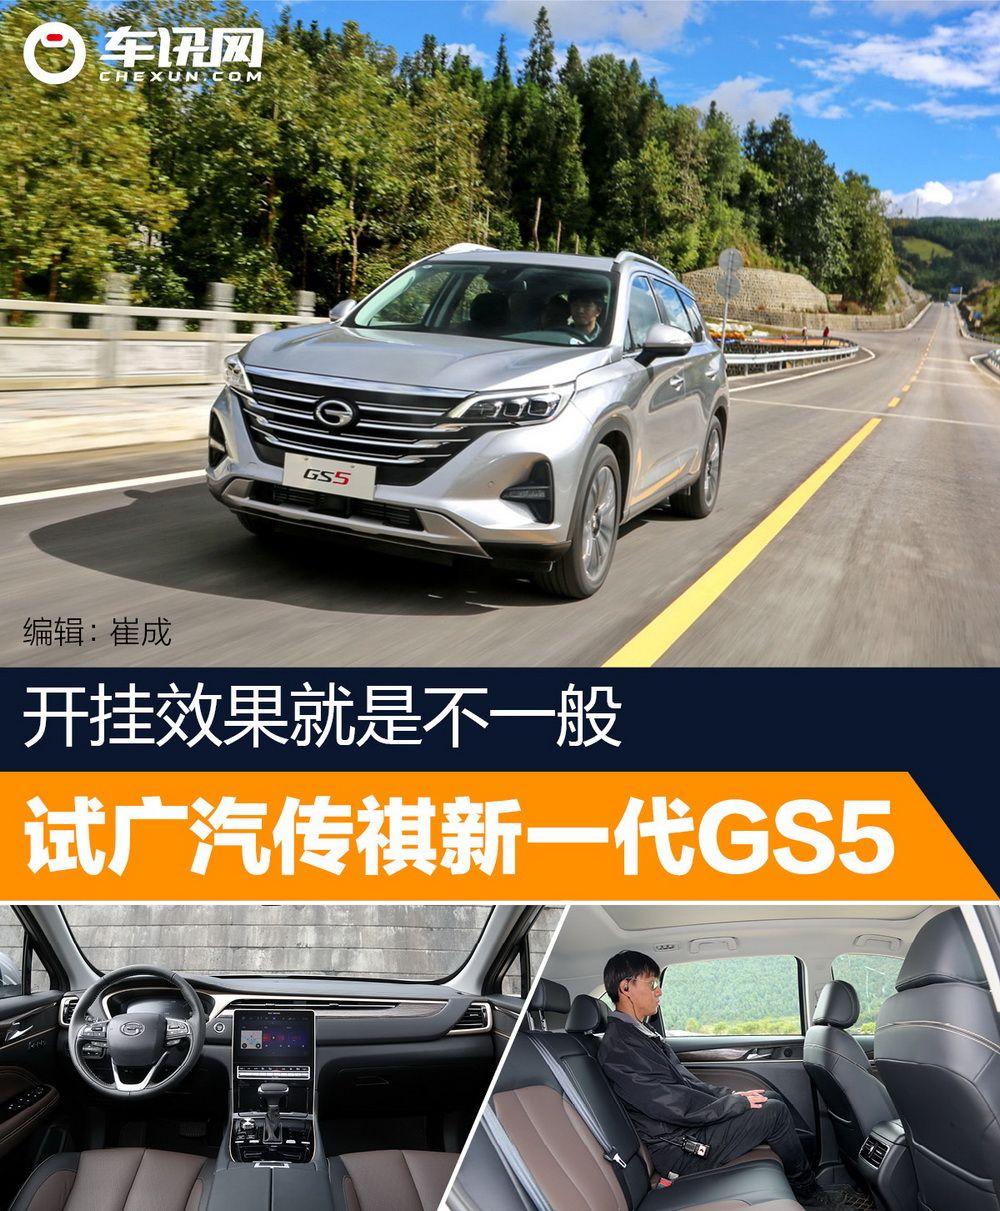 开挂效果就是不一般 试广汽传祺新一代GS5